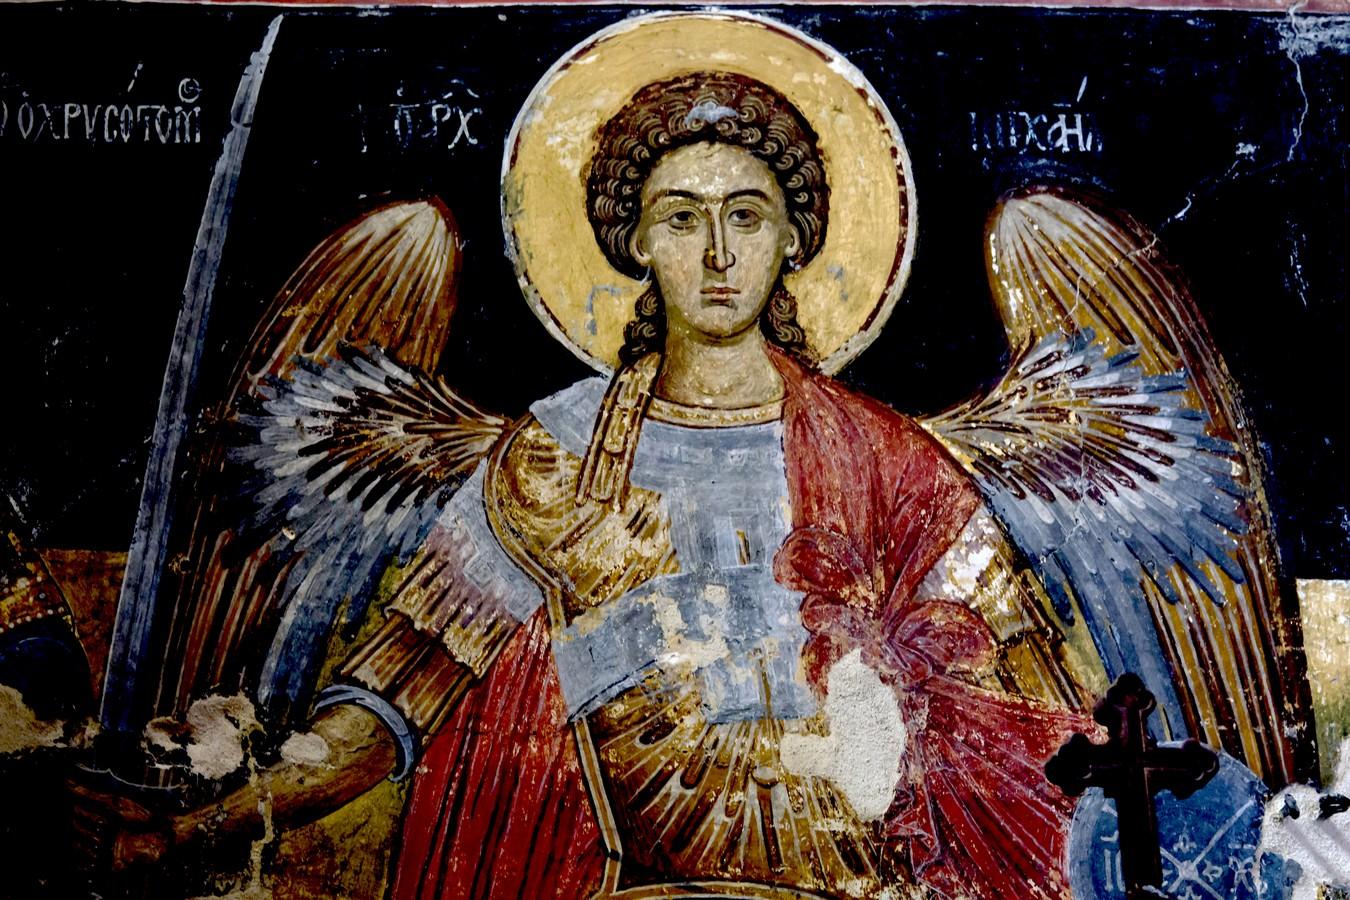 Архистратиг Михаил. Фреска монастыря Святого Иоанна Предтечи близ Серр, Греция.